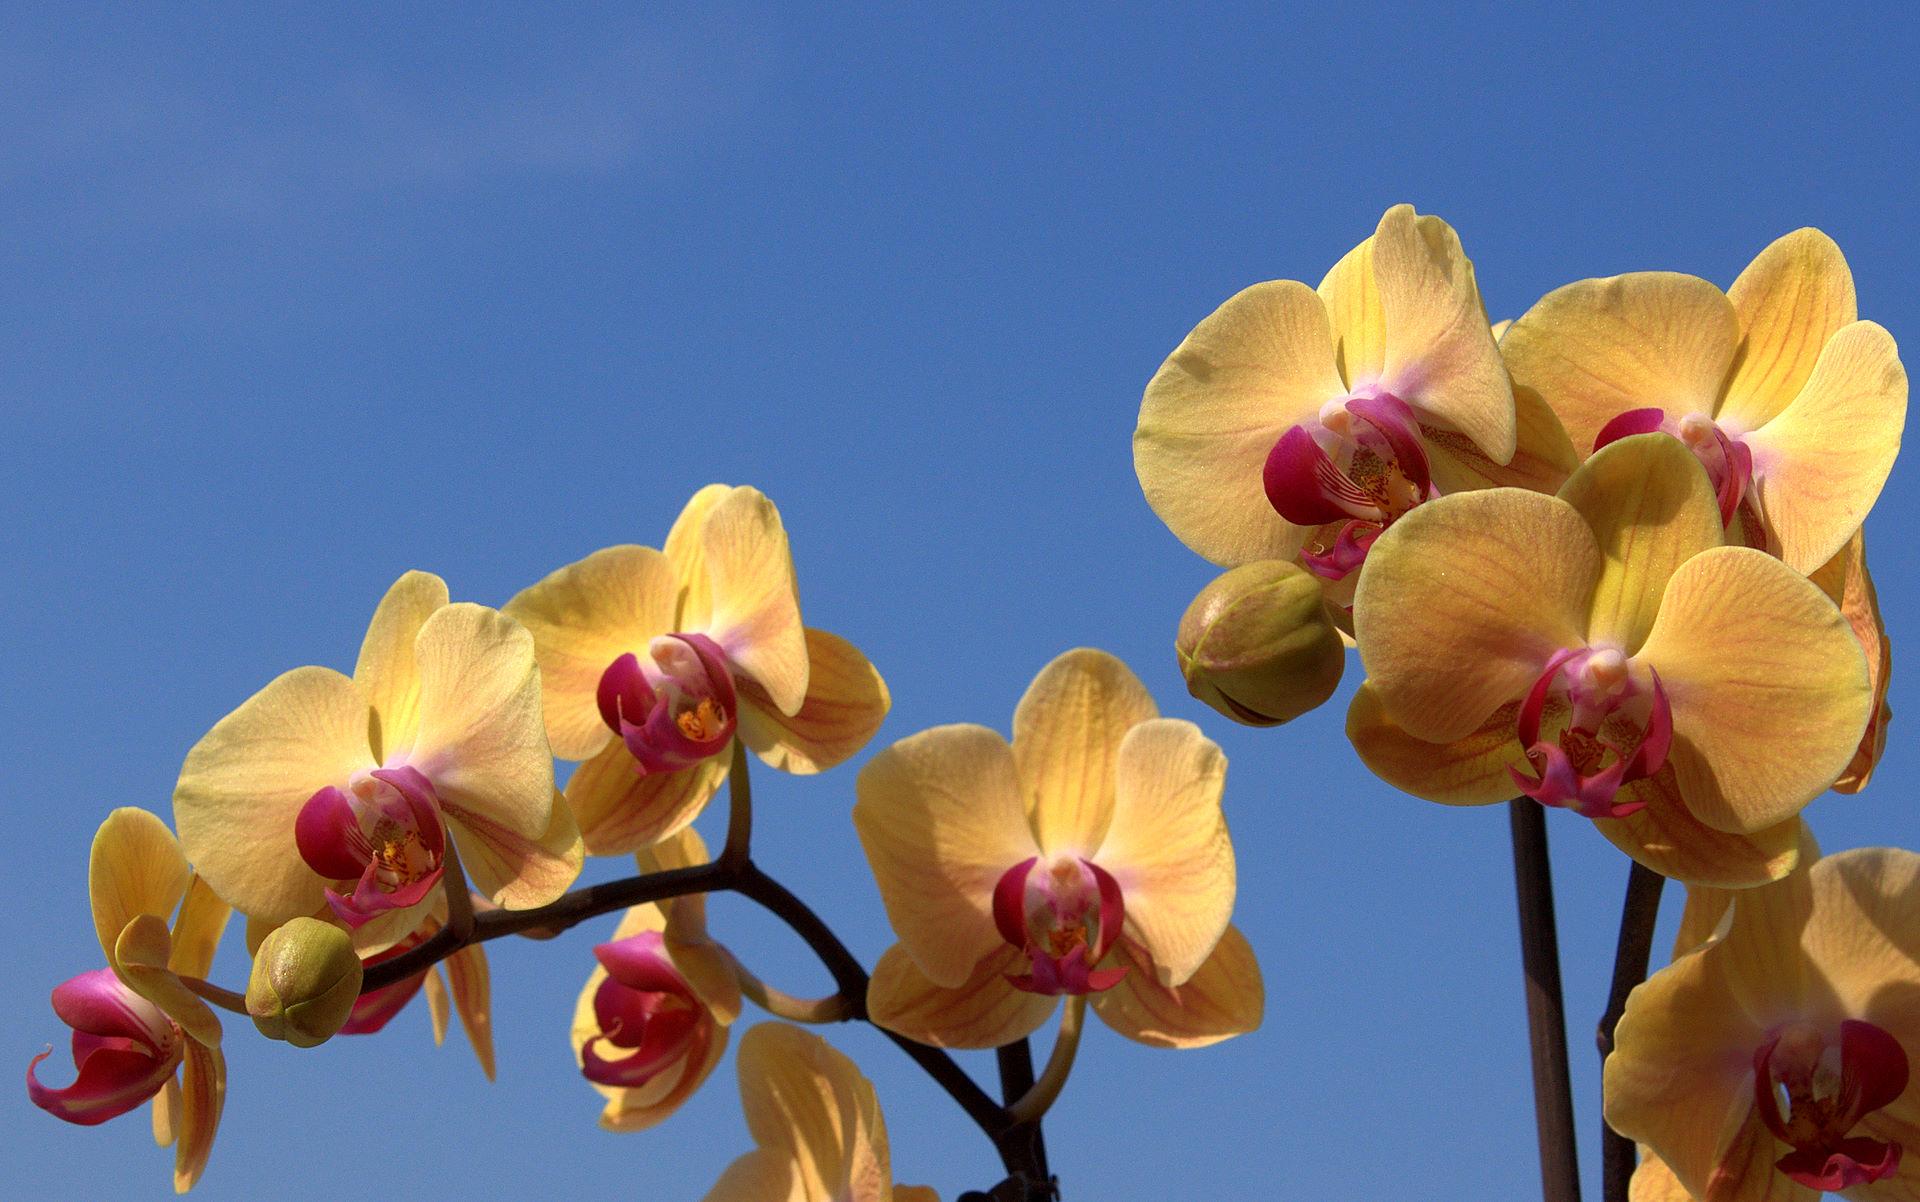 Ảnh nền hoa lan độc đáo, ấn tượng